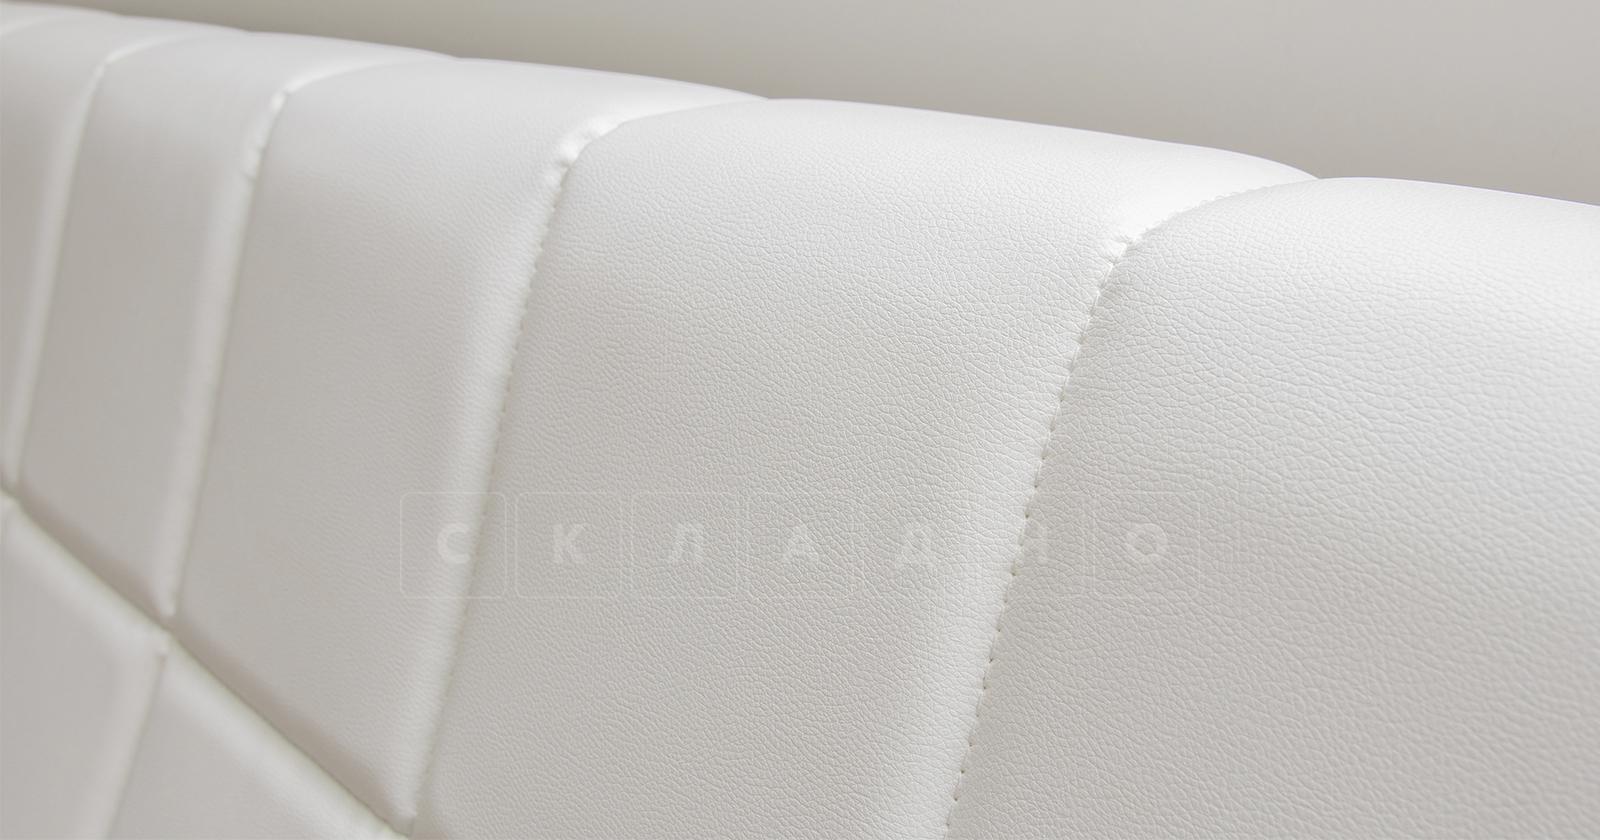 Мягкая кровать Оливия 160 см экокожа белый фото 14 | интернет-магазин Складно